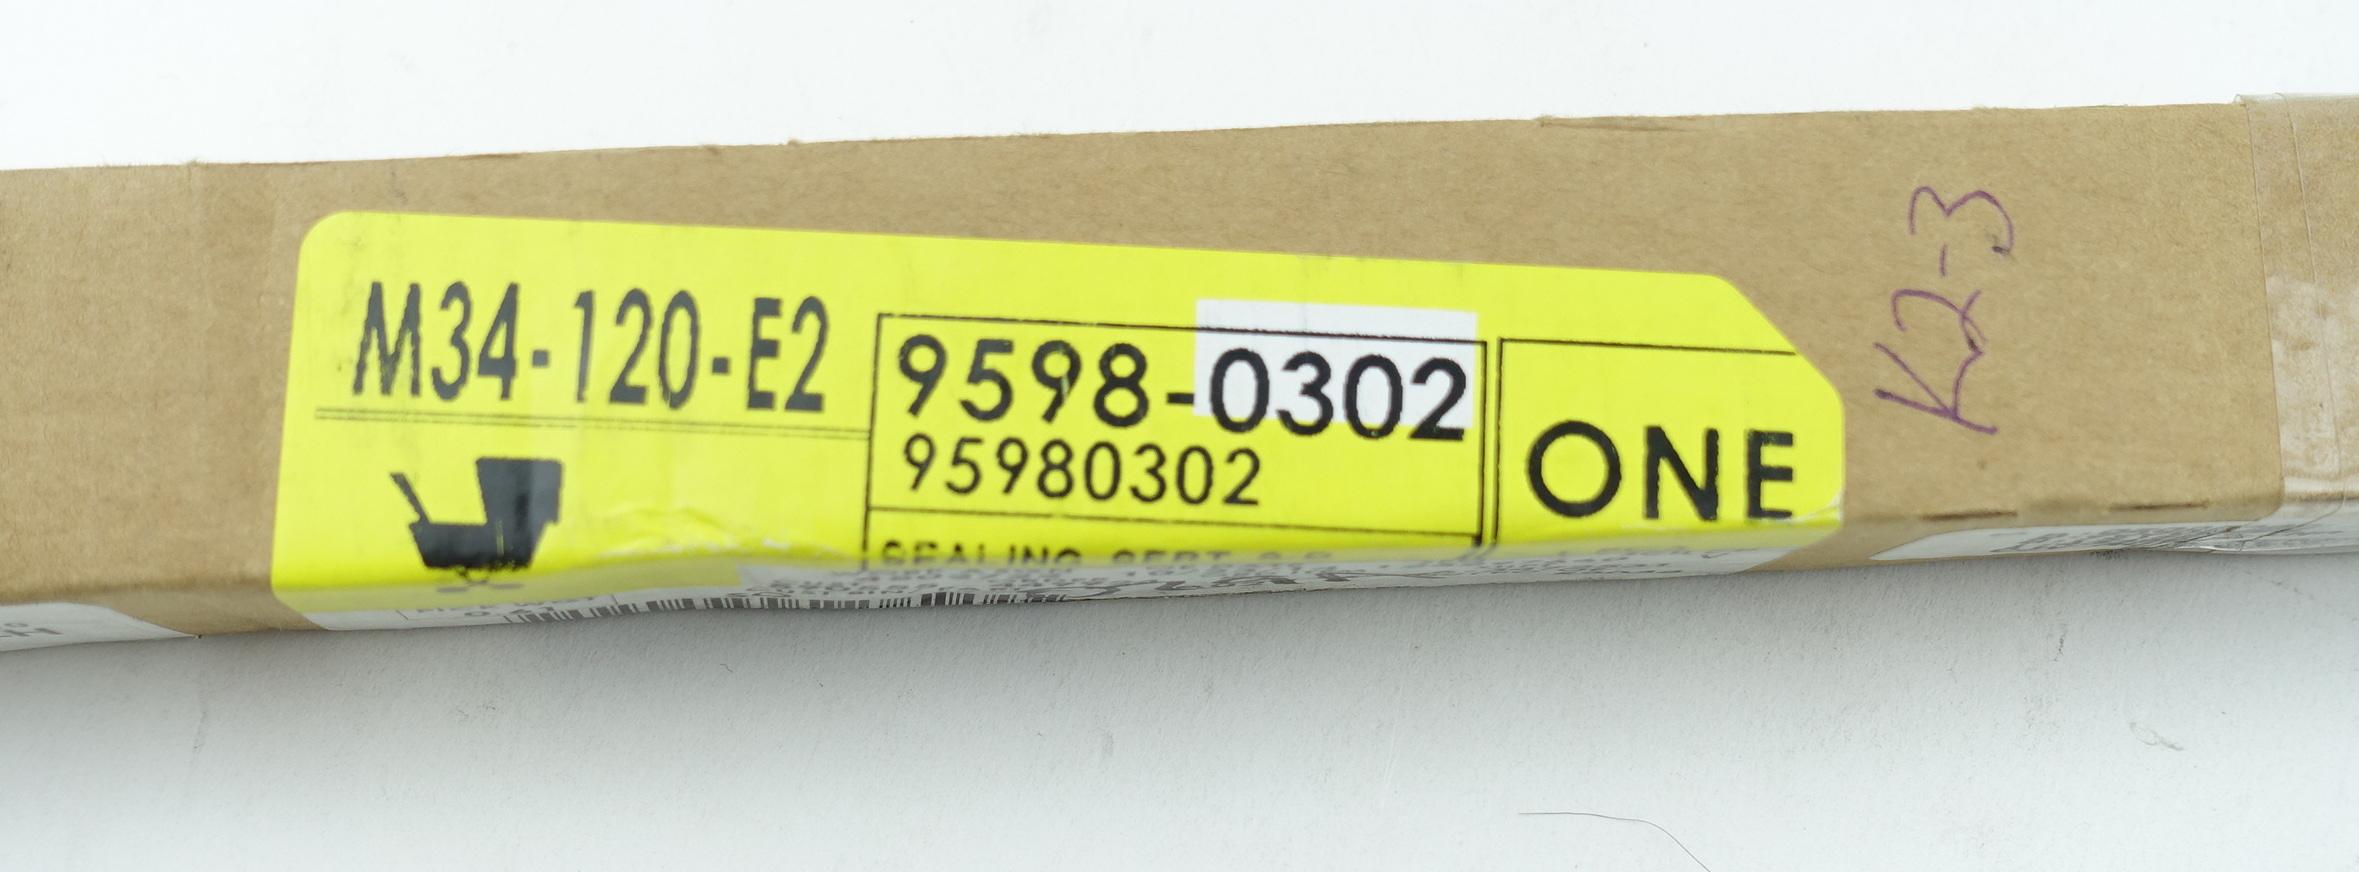 New OEM 95980302 GM Front Door Window Sweep Belt Molding Weatherstrip Left - image 4